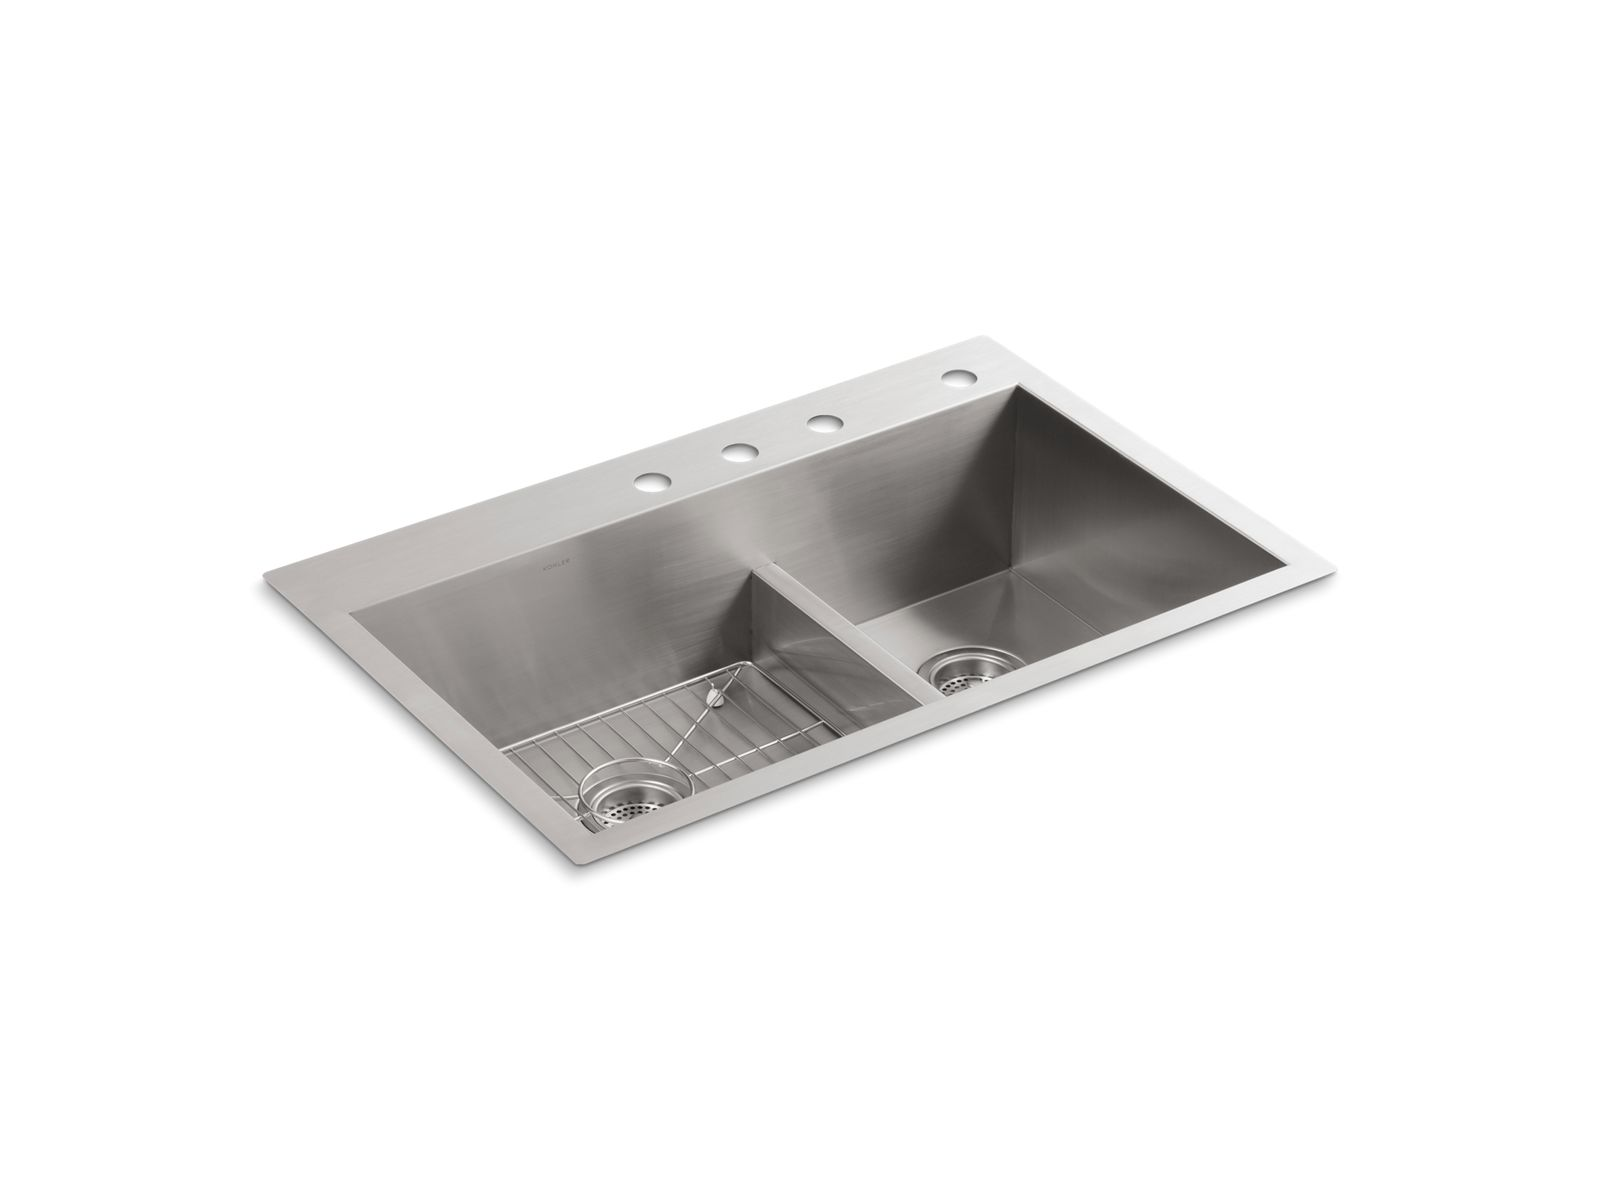 k 3839 4 vault smart divide kitchen sink with four faucet holes kohler